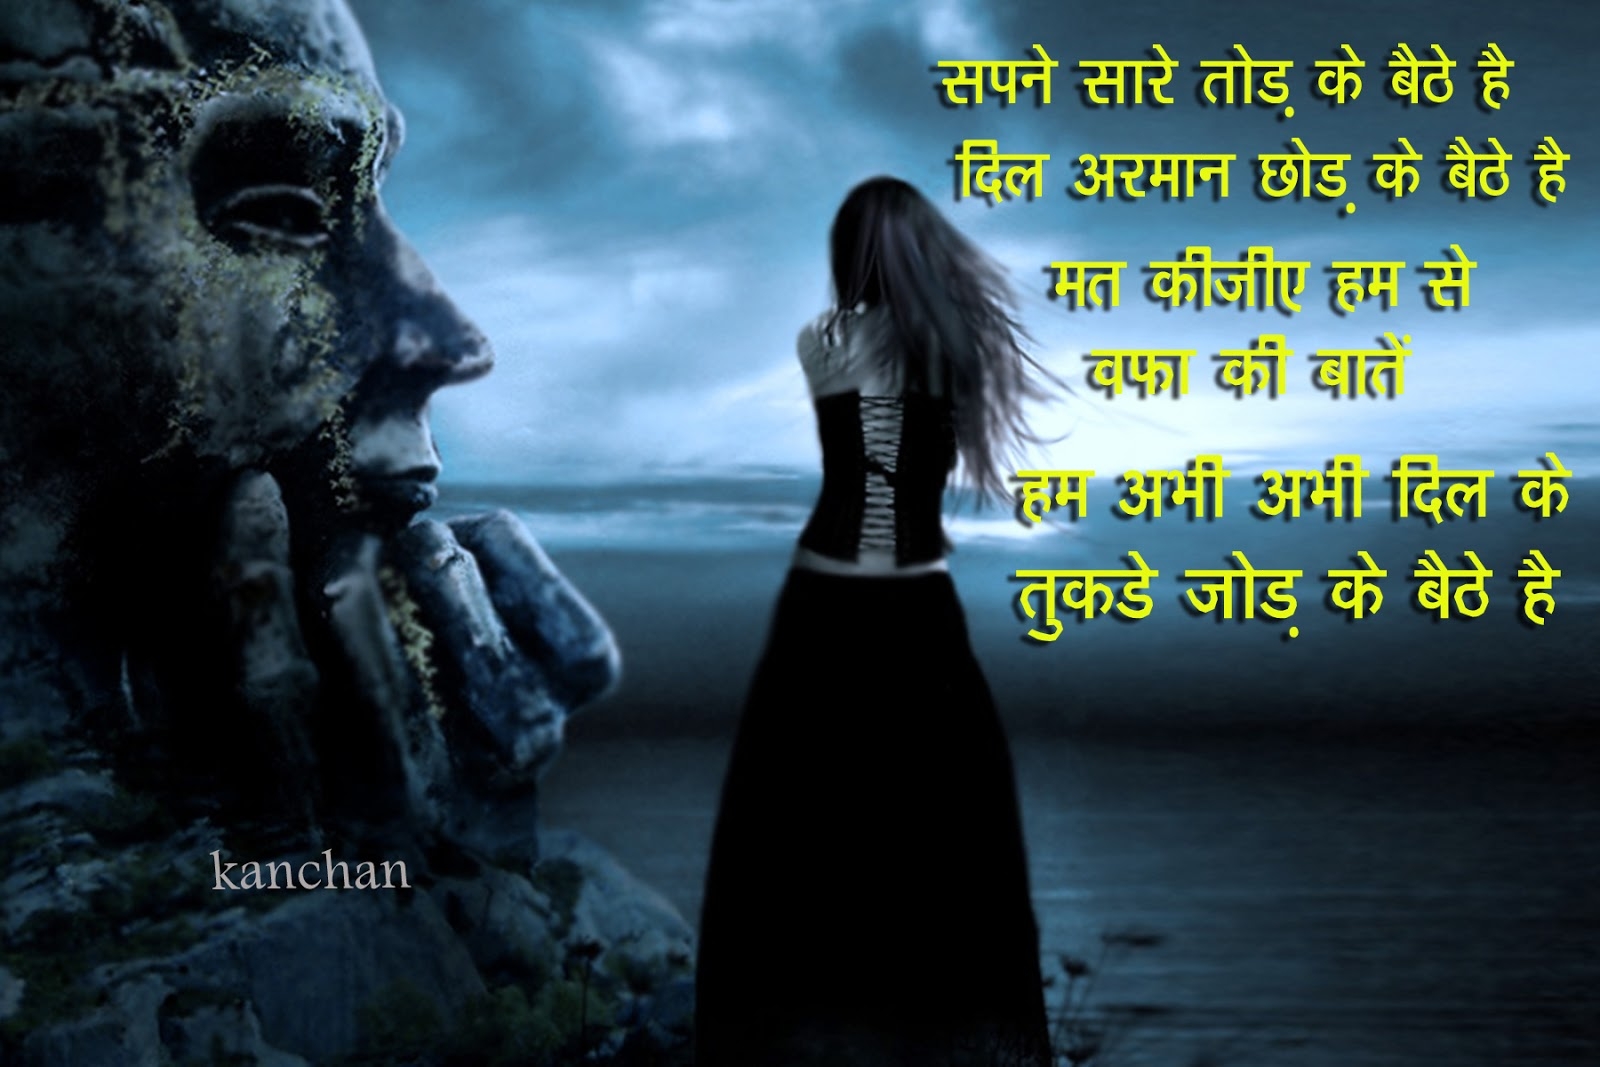 Best Hindi Sad Shayari, Latest Emotional Shayari, New